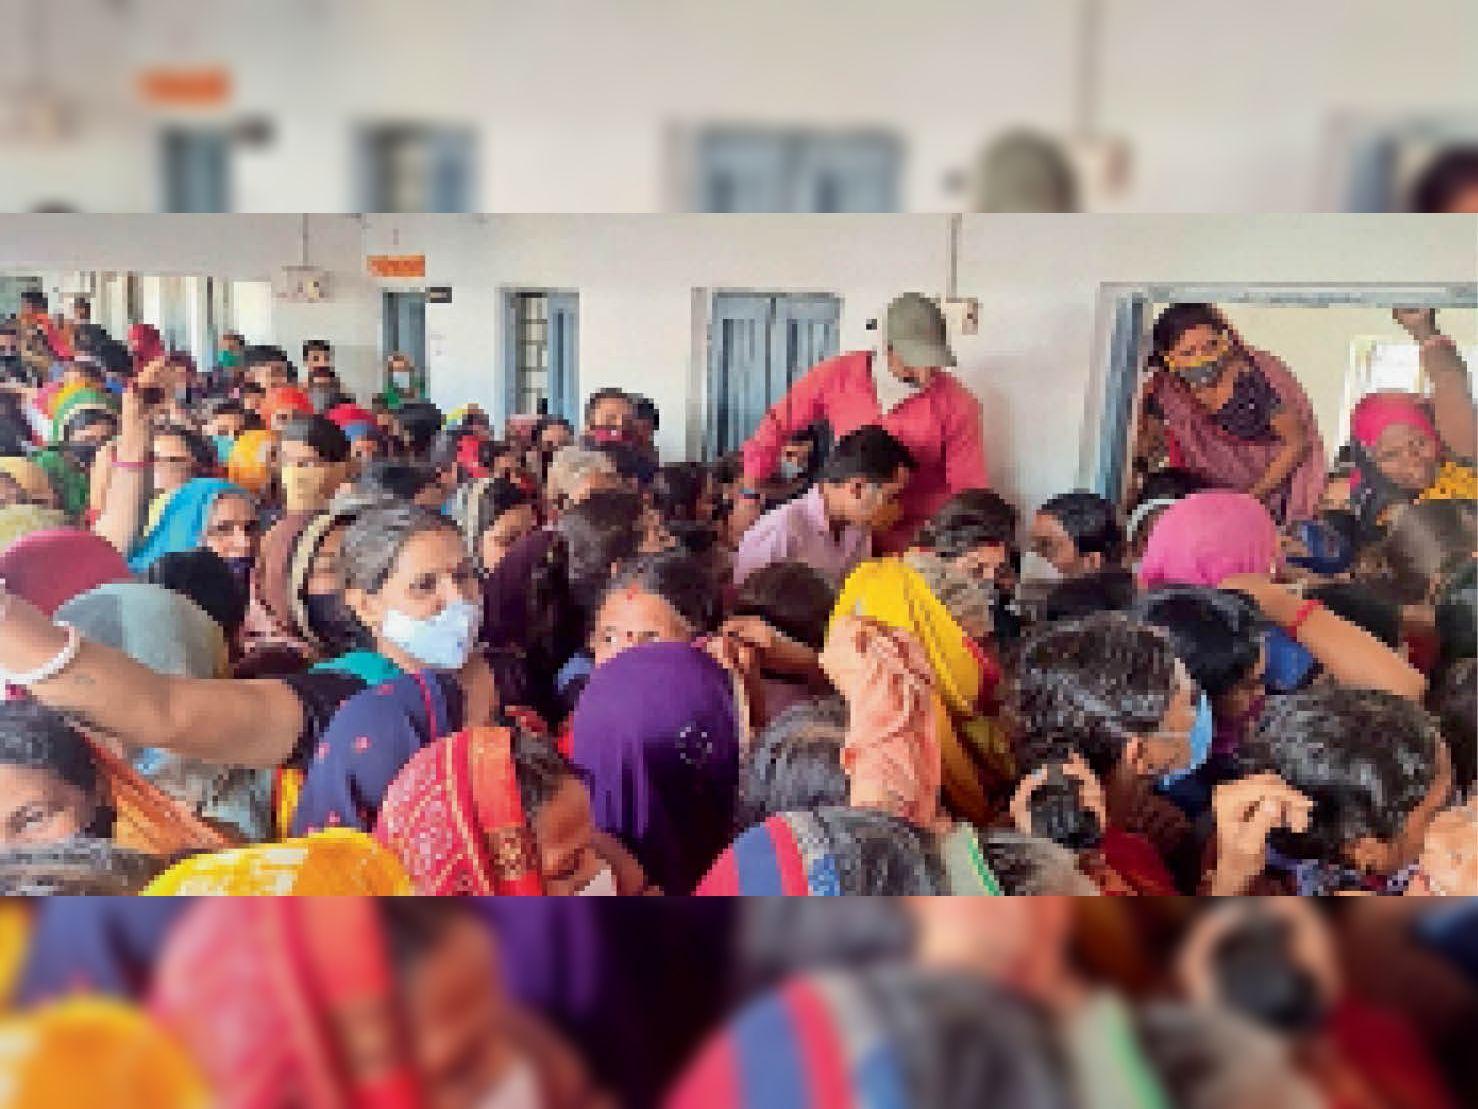 साेनकच्छ में 9 दिन बाद शुरू हुए वैक्सीनेशन के दौरान टीके के लिए जद्दाेजहद करते लोग साेशल डिस्टेंसिंग भूले। - Dainik Bhaskar